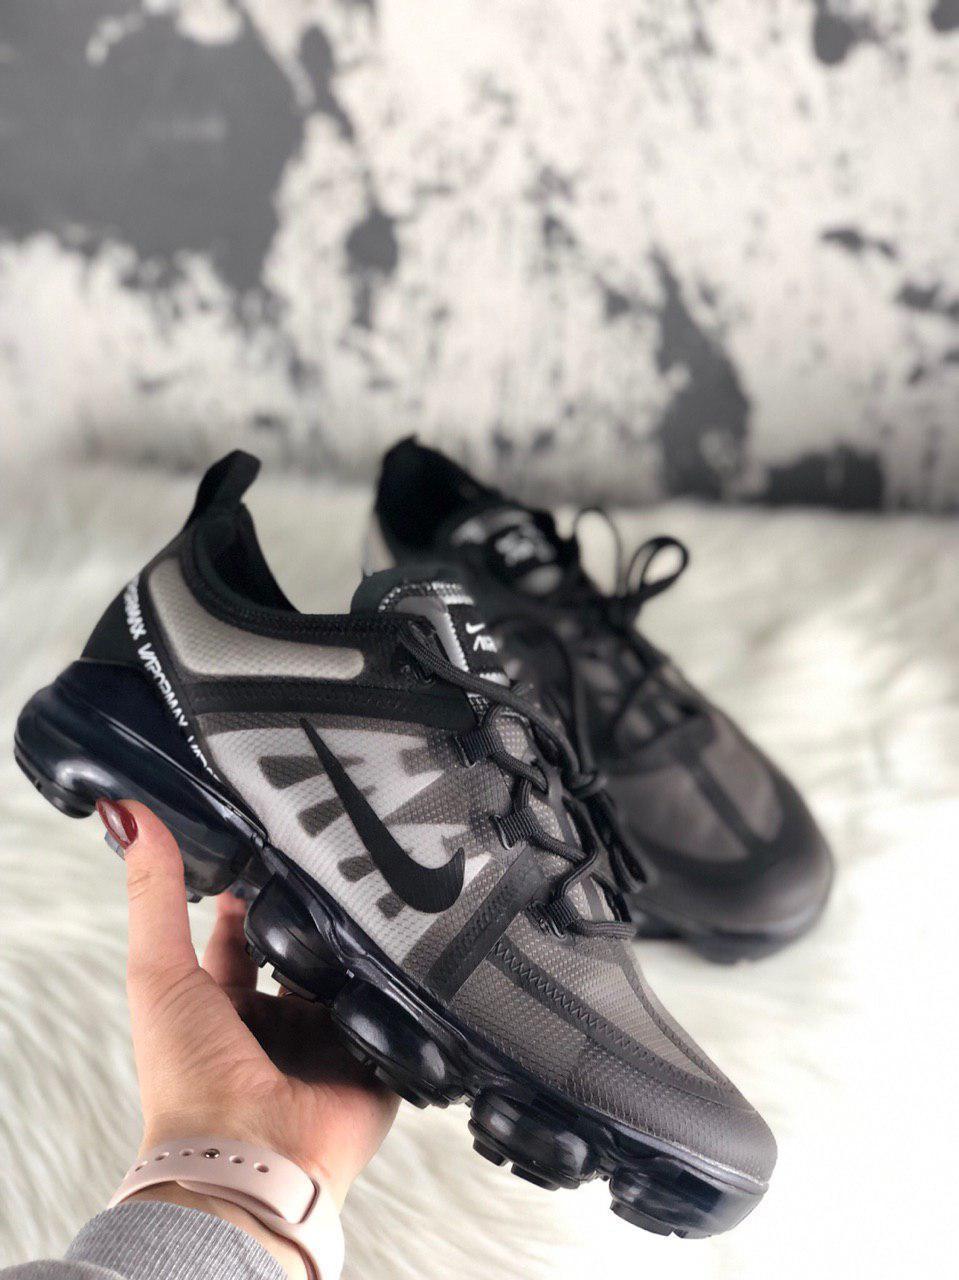 Мужские кроссовки Nike Air Vapormax 2019 Black, чёрные. Размеры (41,43,44,45)